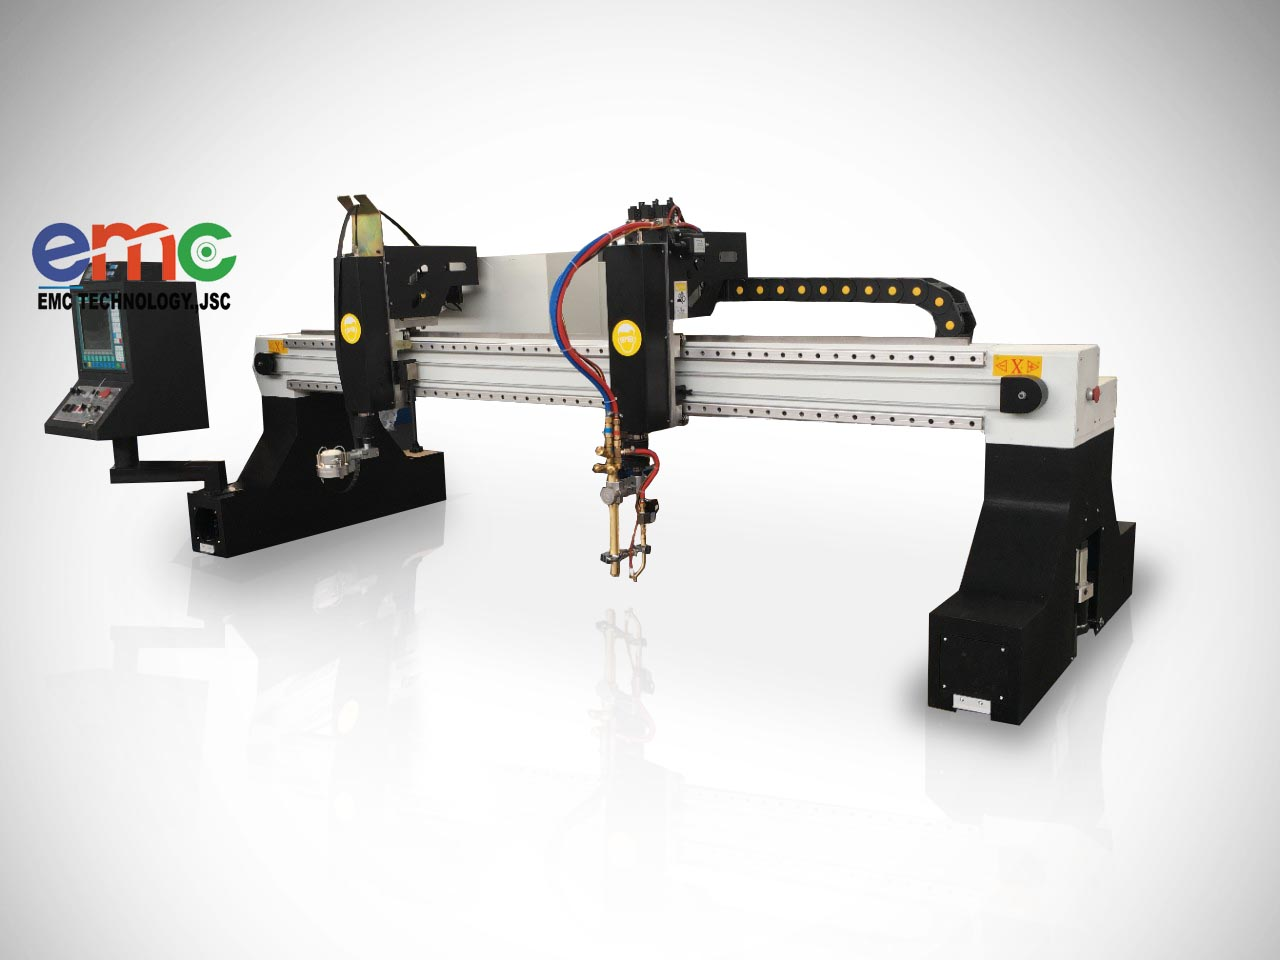 Máy cắt CNC Plasma EMC-3000